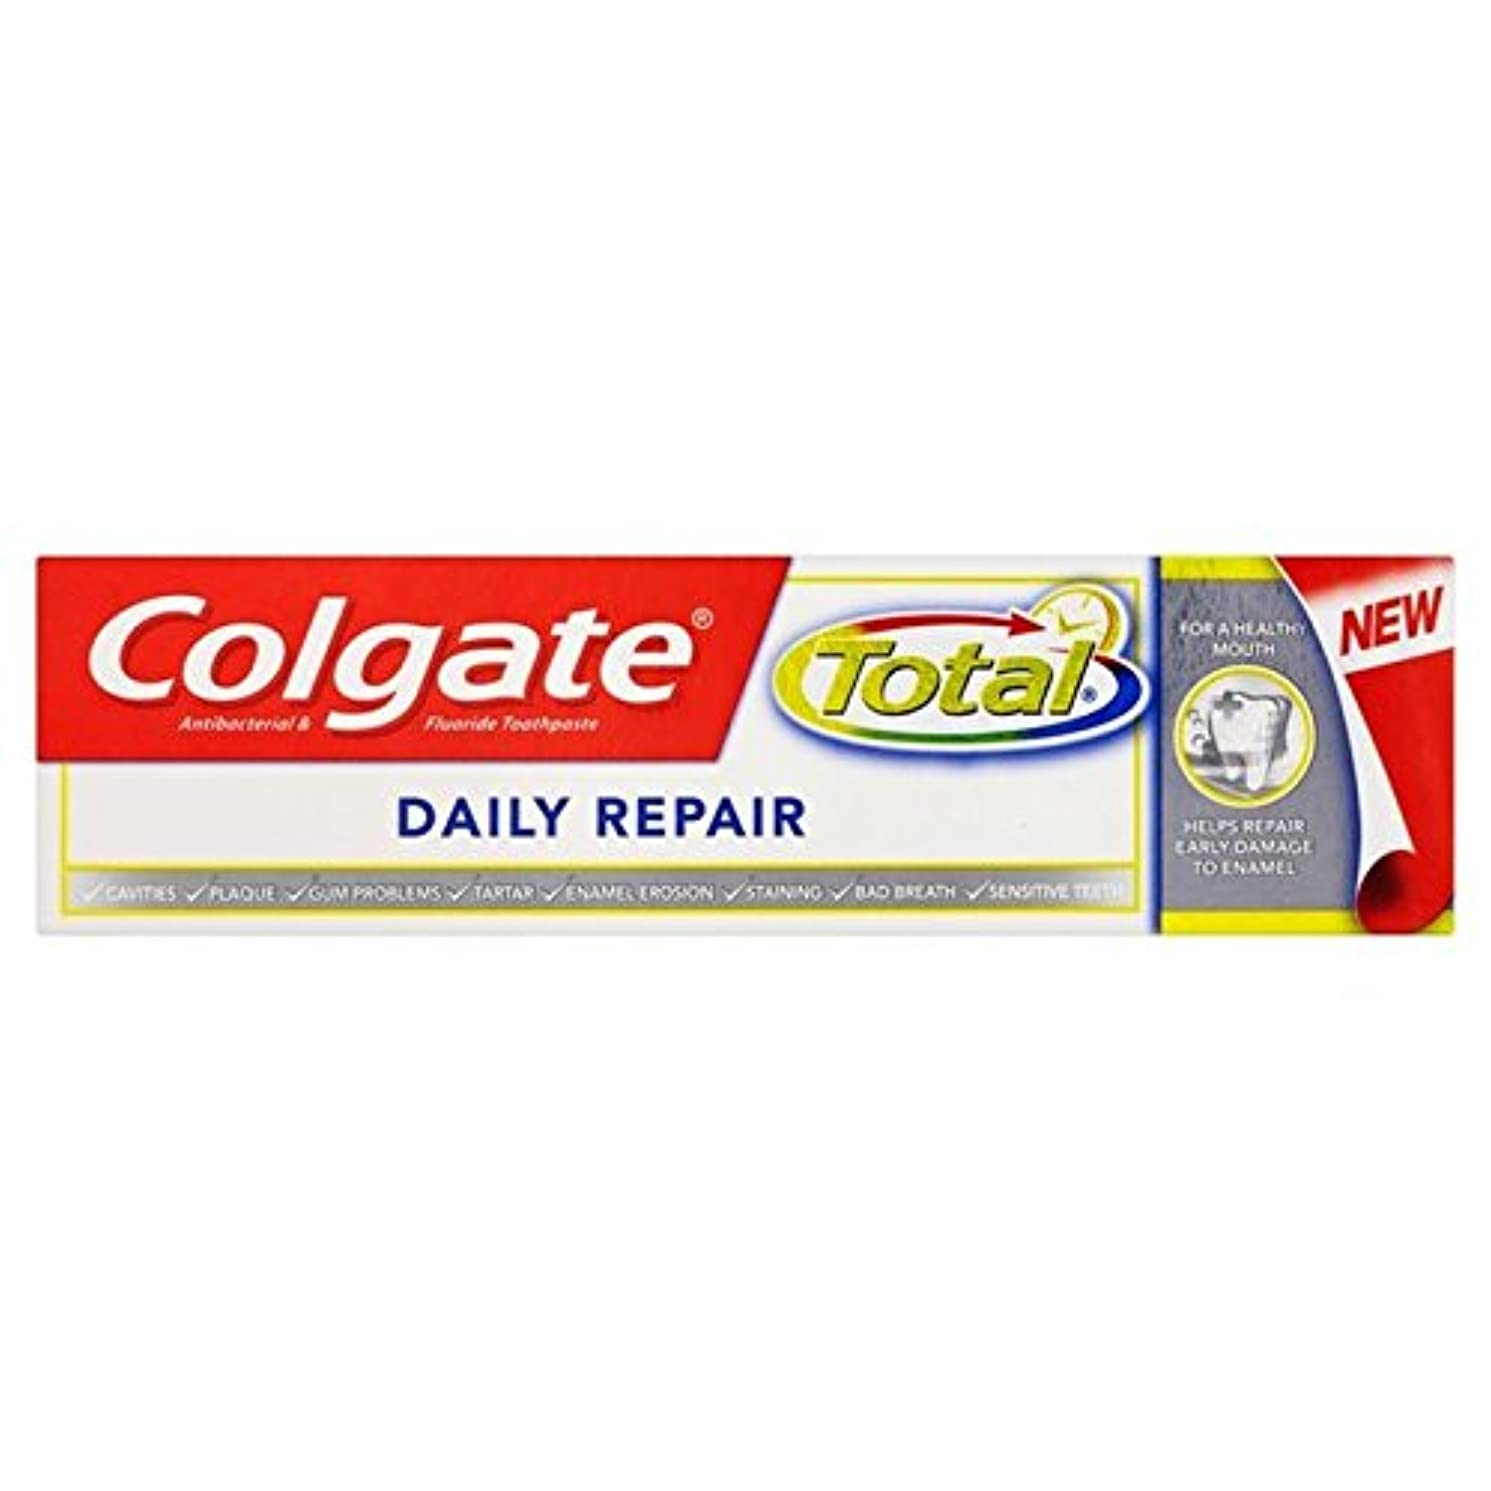 リクルート冷酷なスチュワードコルゲートトータル毎日修理歯磨き粉75ミリリットル x2 - Colgate Total Daily Repair Toothpaste 75ml (Pack of 2) [並行輸入品]